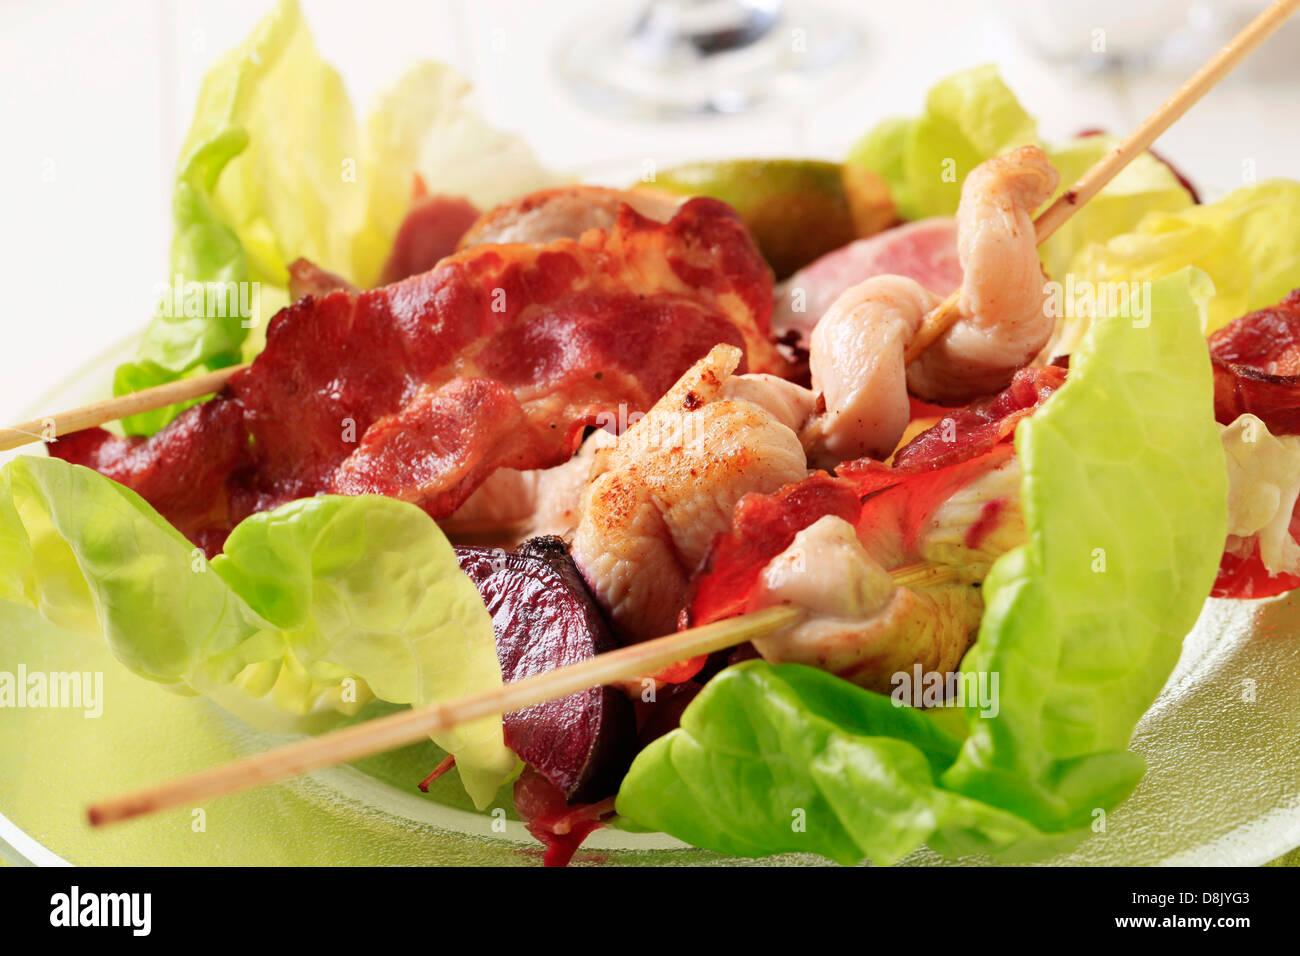 Spiedini di pollo e le strisce di pancetta servita su foglie di lattuga Immagini Stock